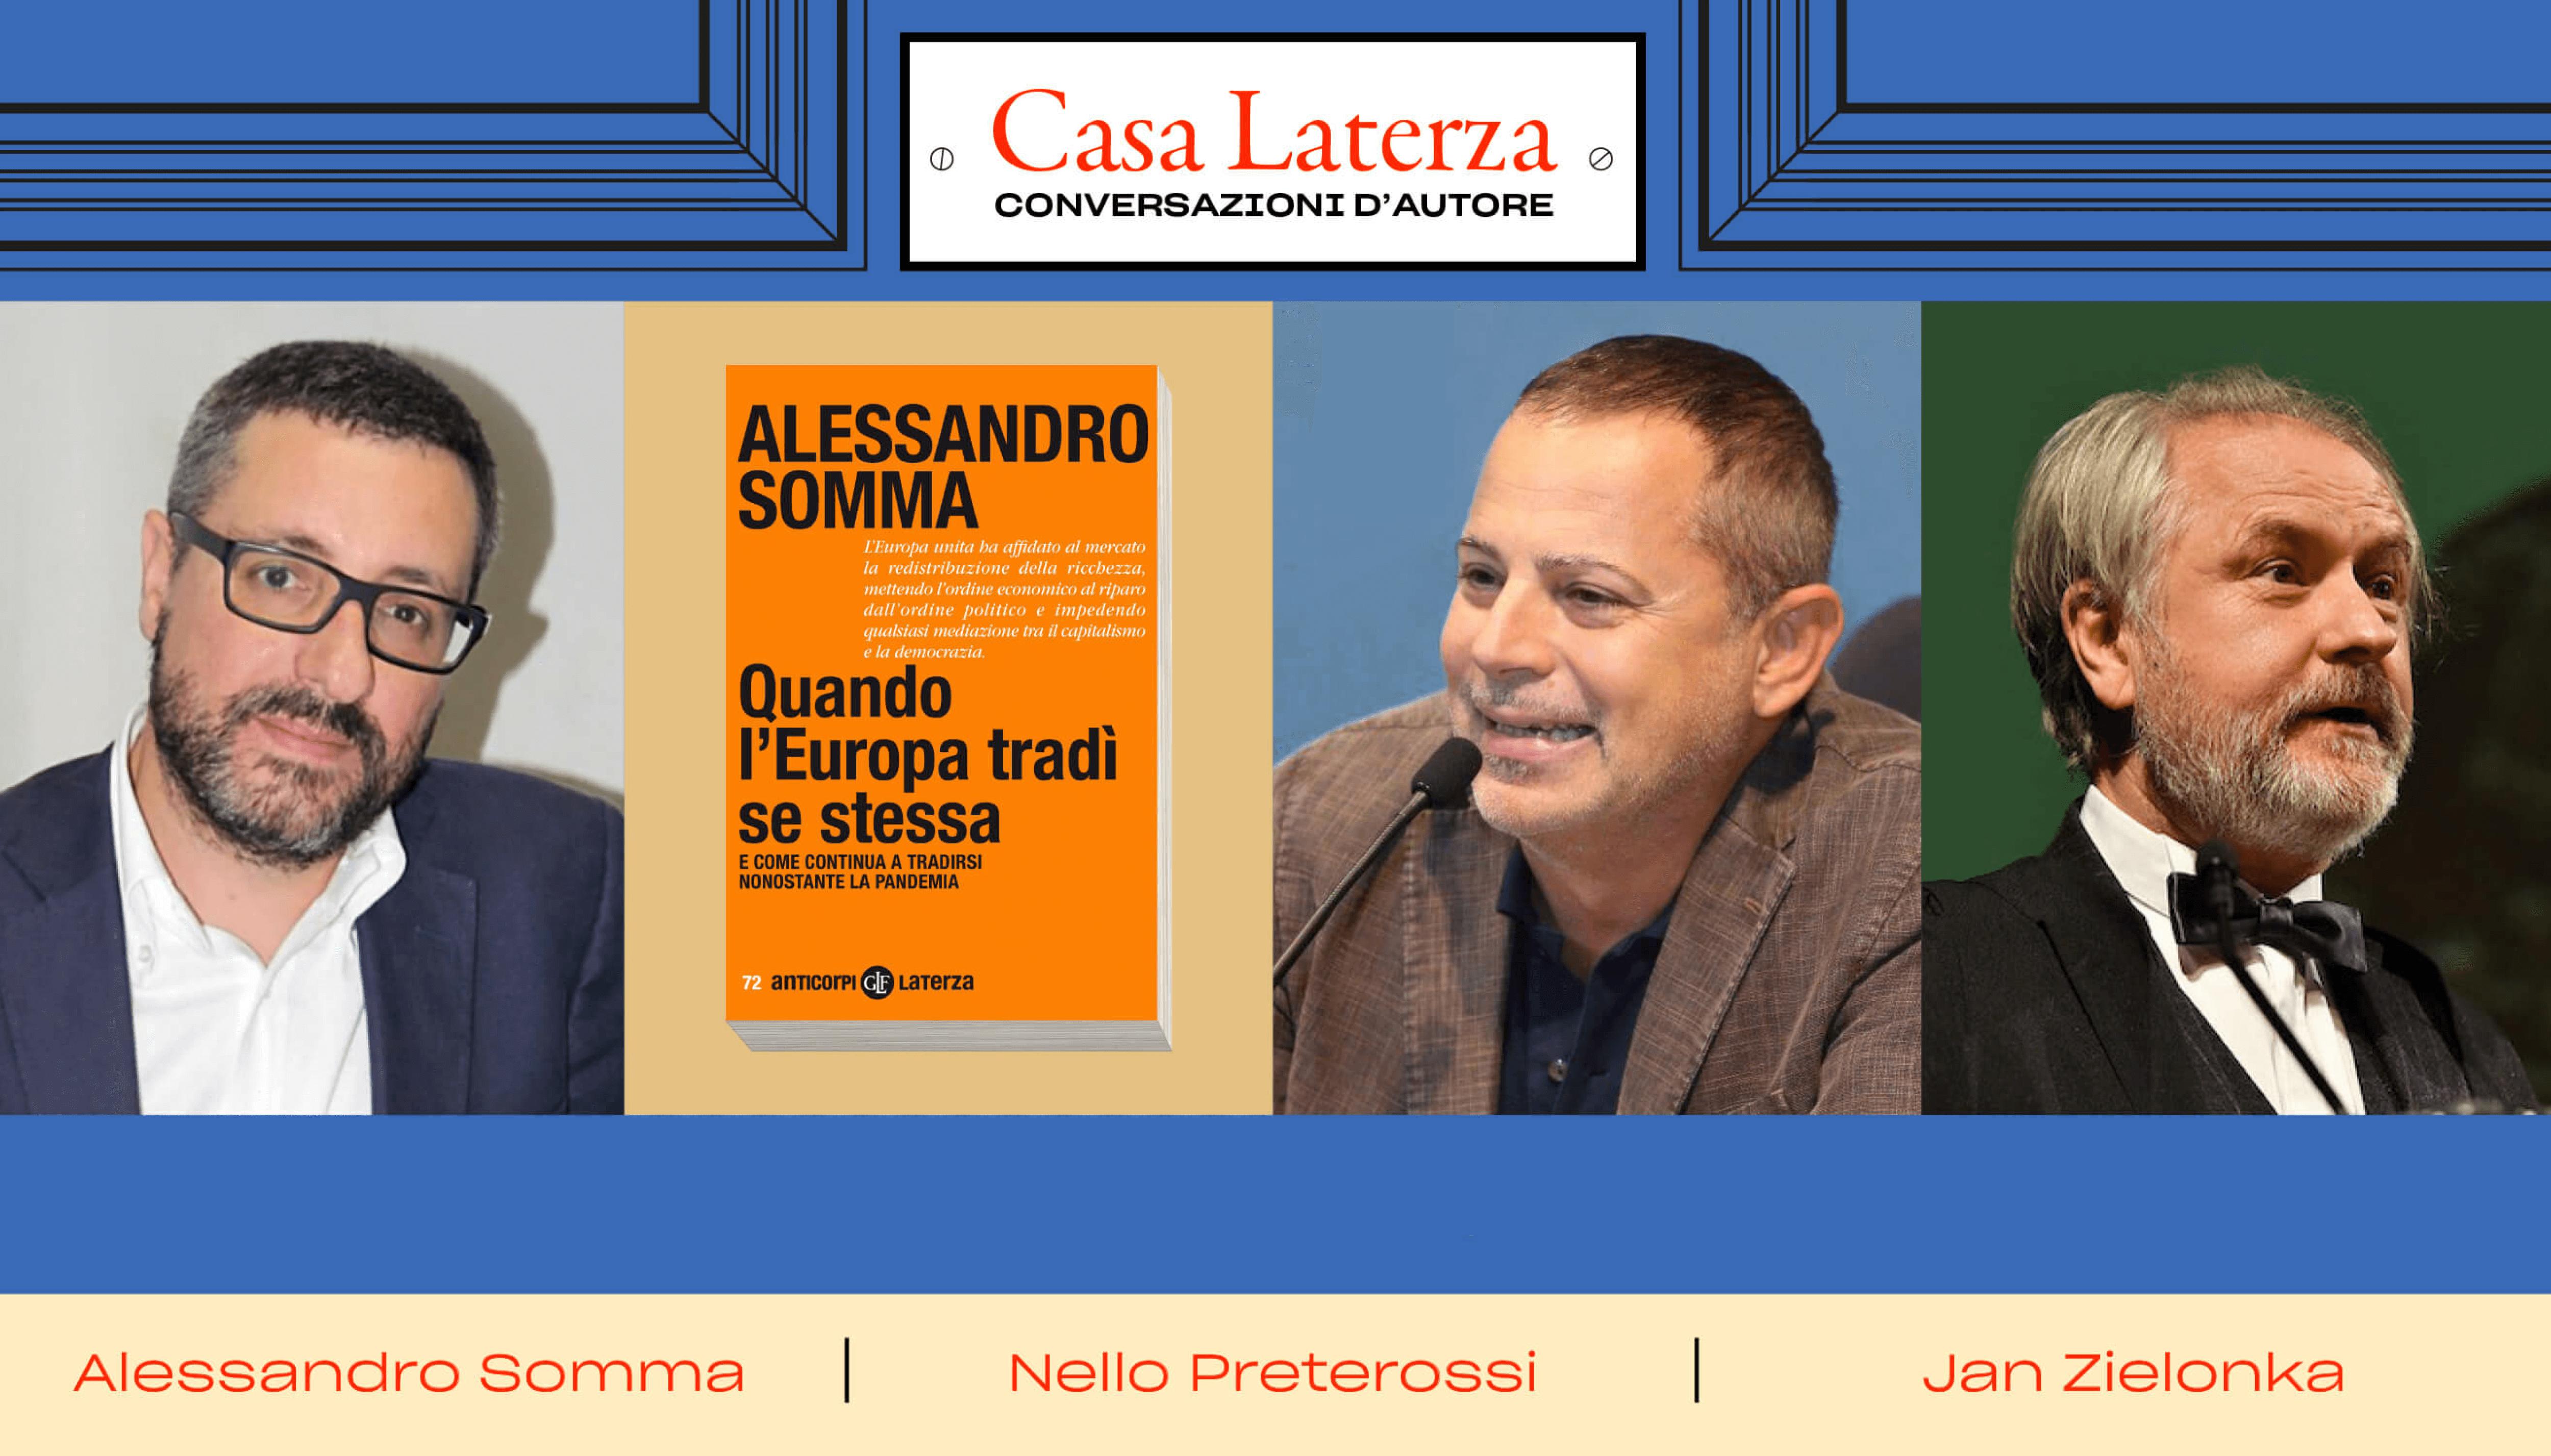 #CasaLaterza: Alessandro Somma dialoga con Nello Preterossi e Jan Zielonka